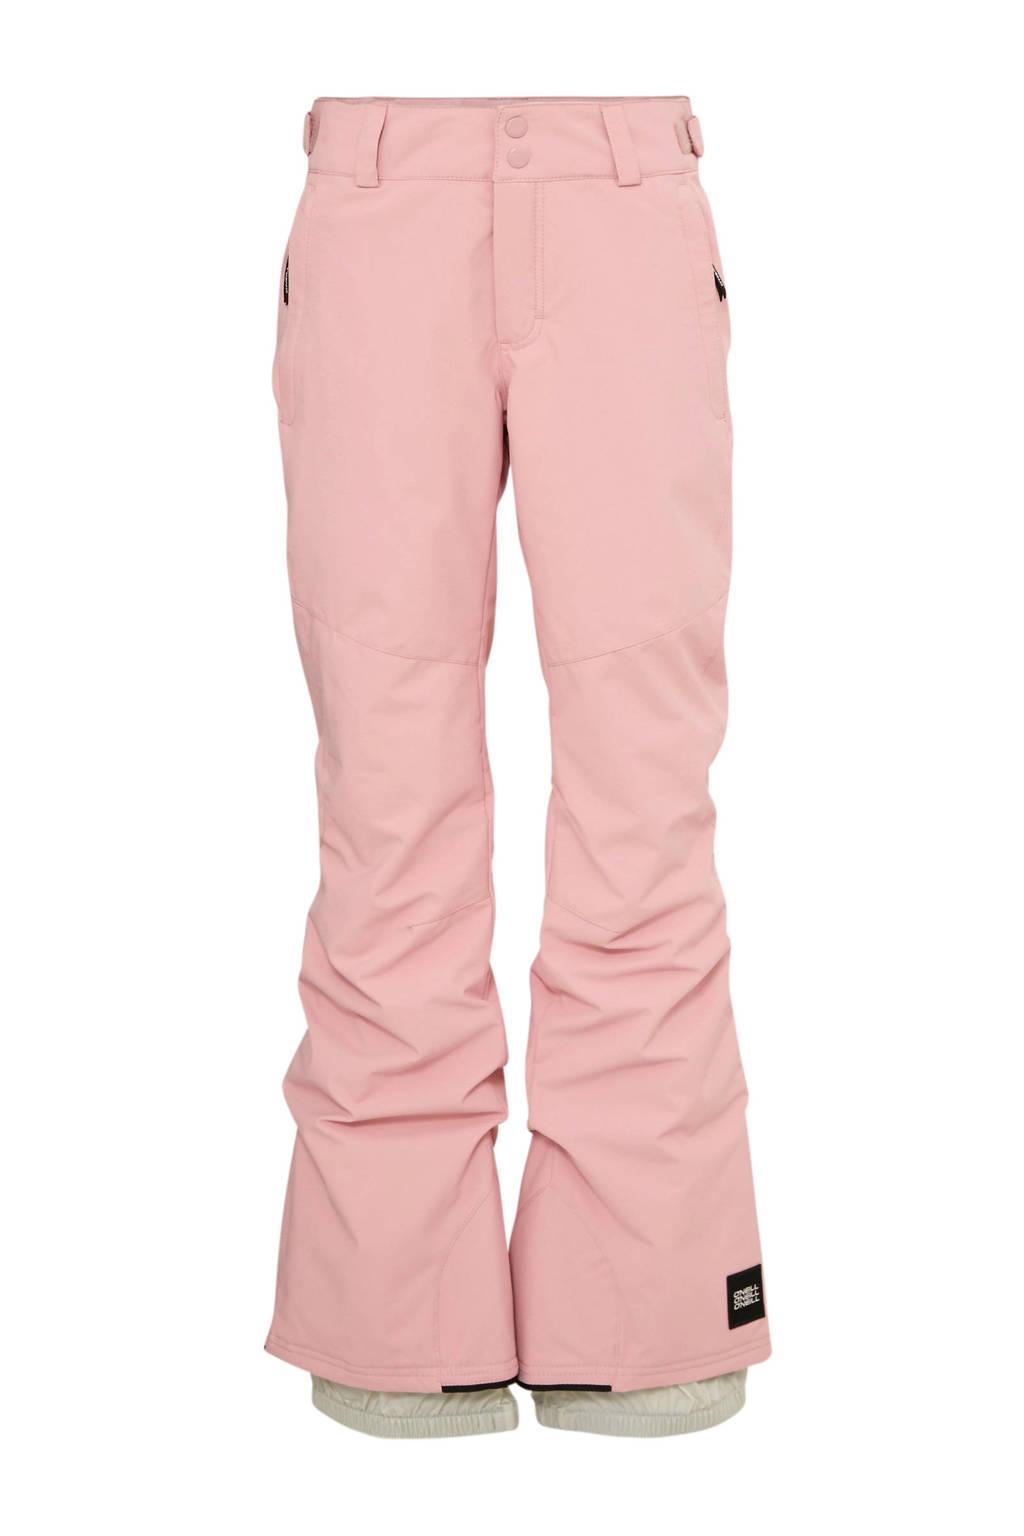 O'Neill skibroek Charm roze, Roze